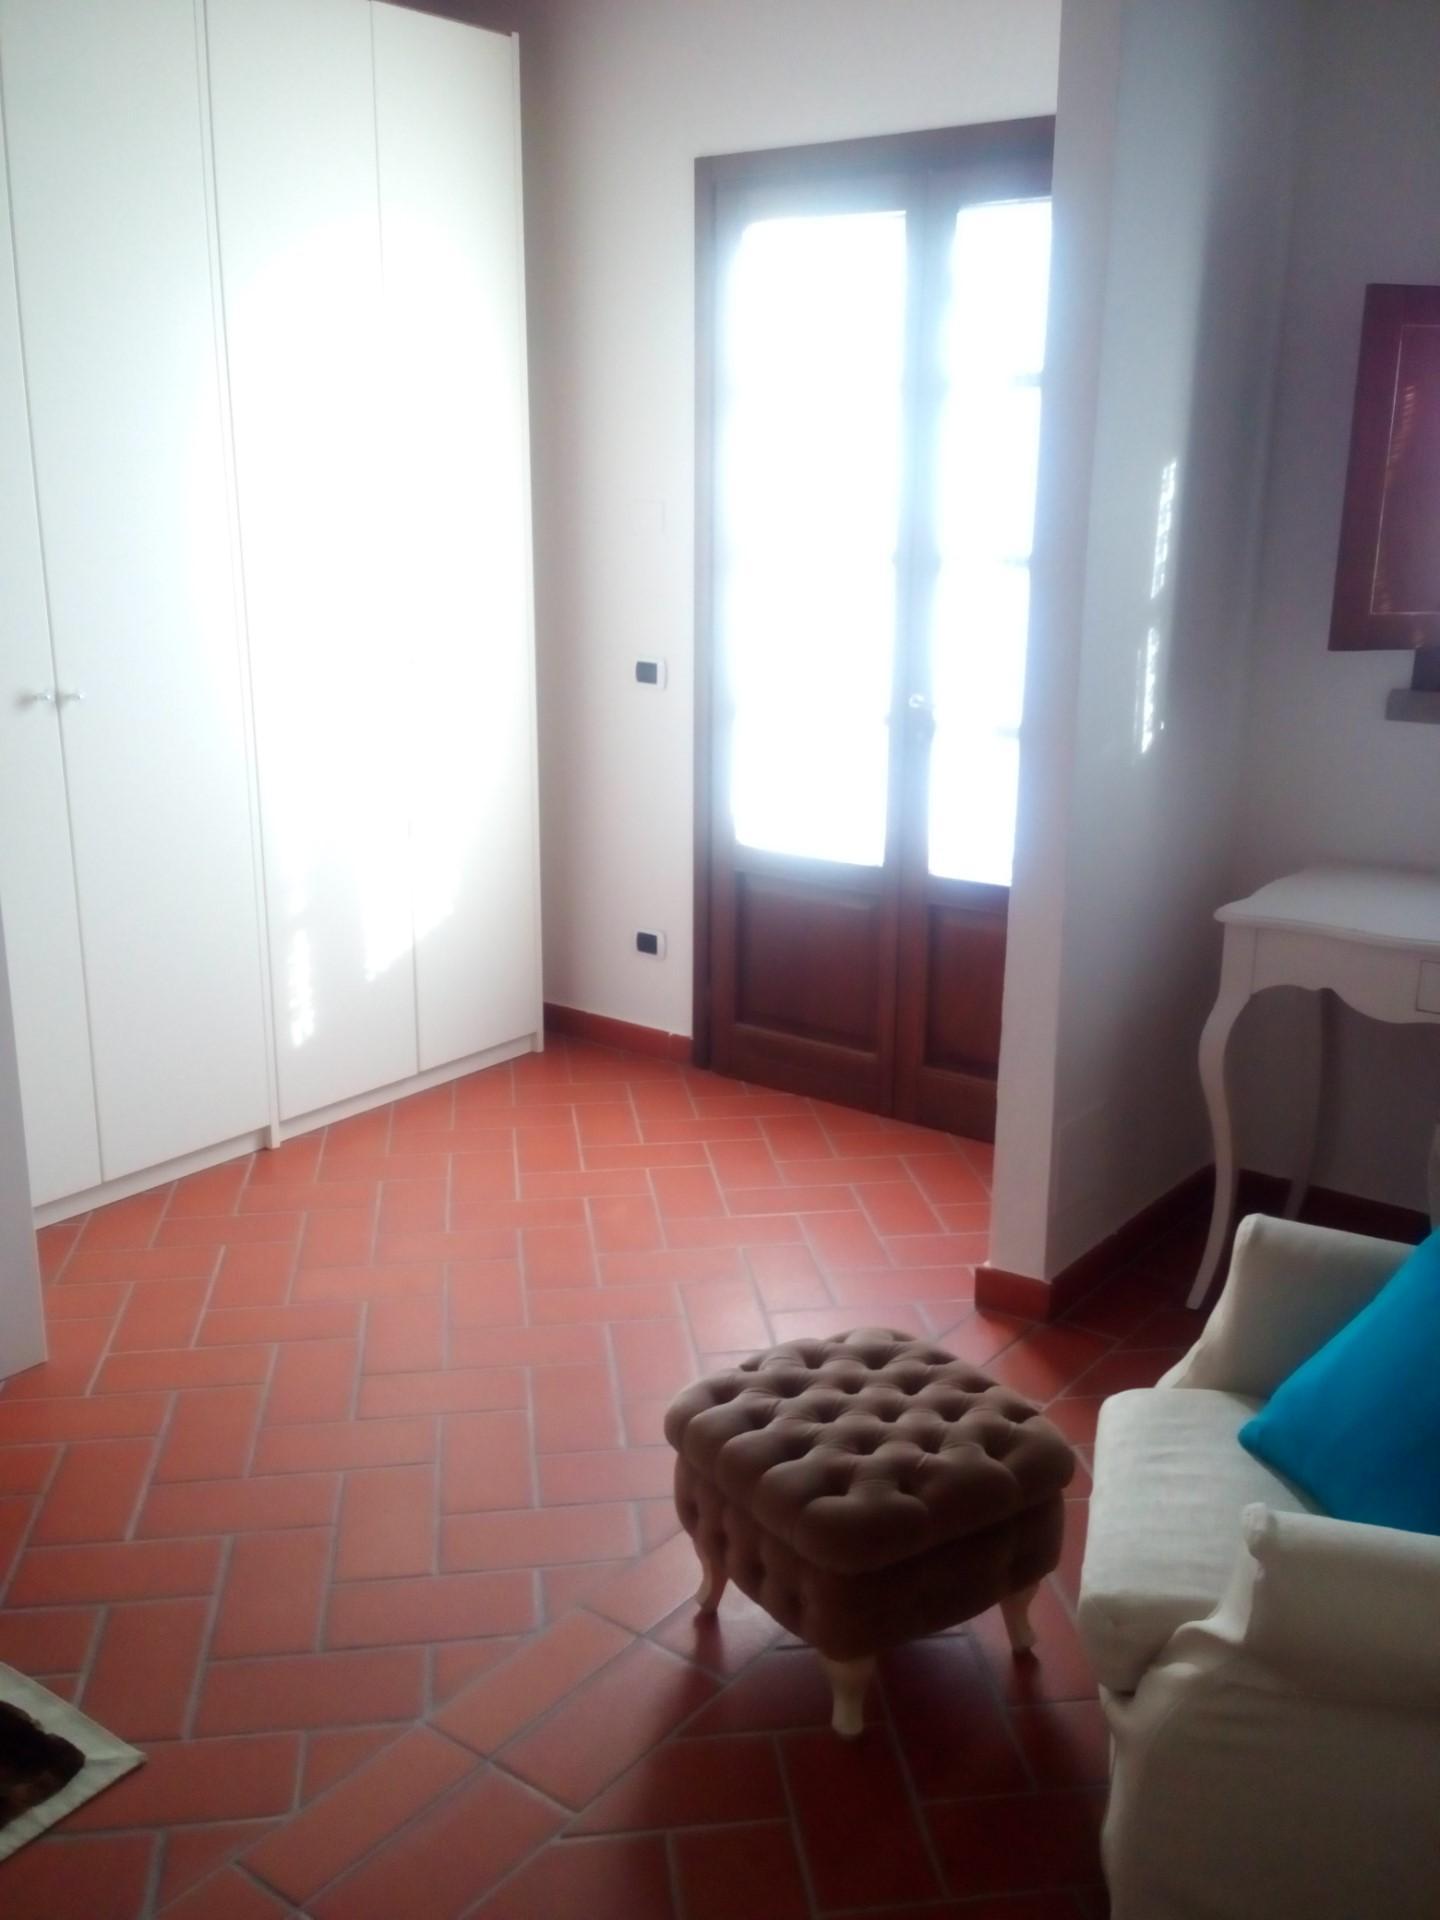 Appartamento in vendita a Montopoli in Val d'Arno, 3 locali, prezzo € 175.000 | CambioCasa.it